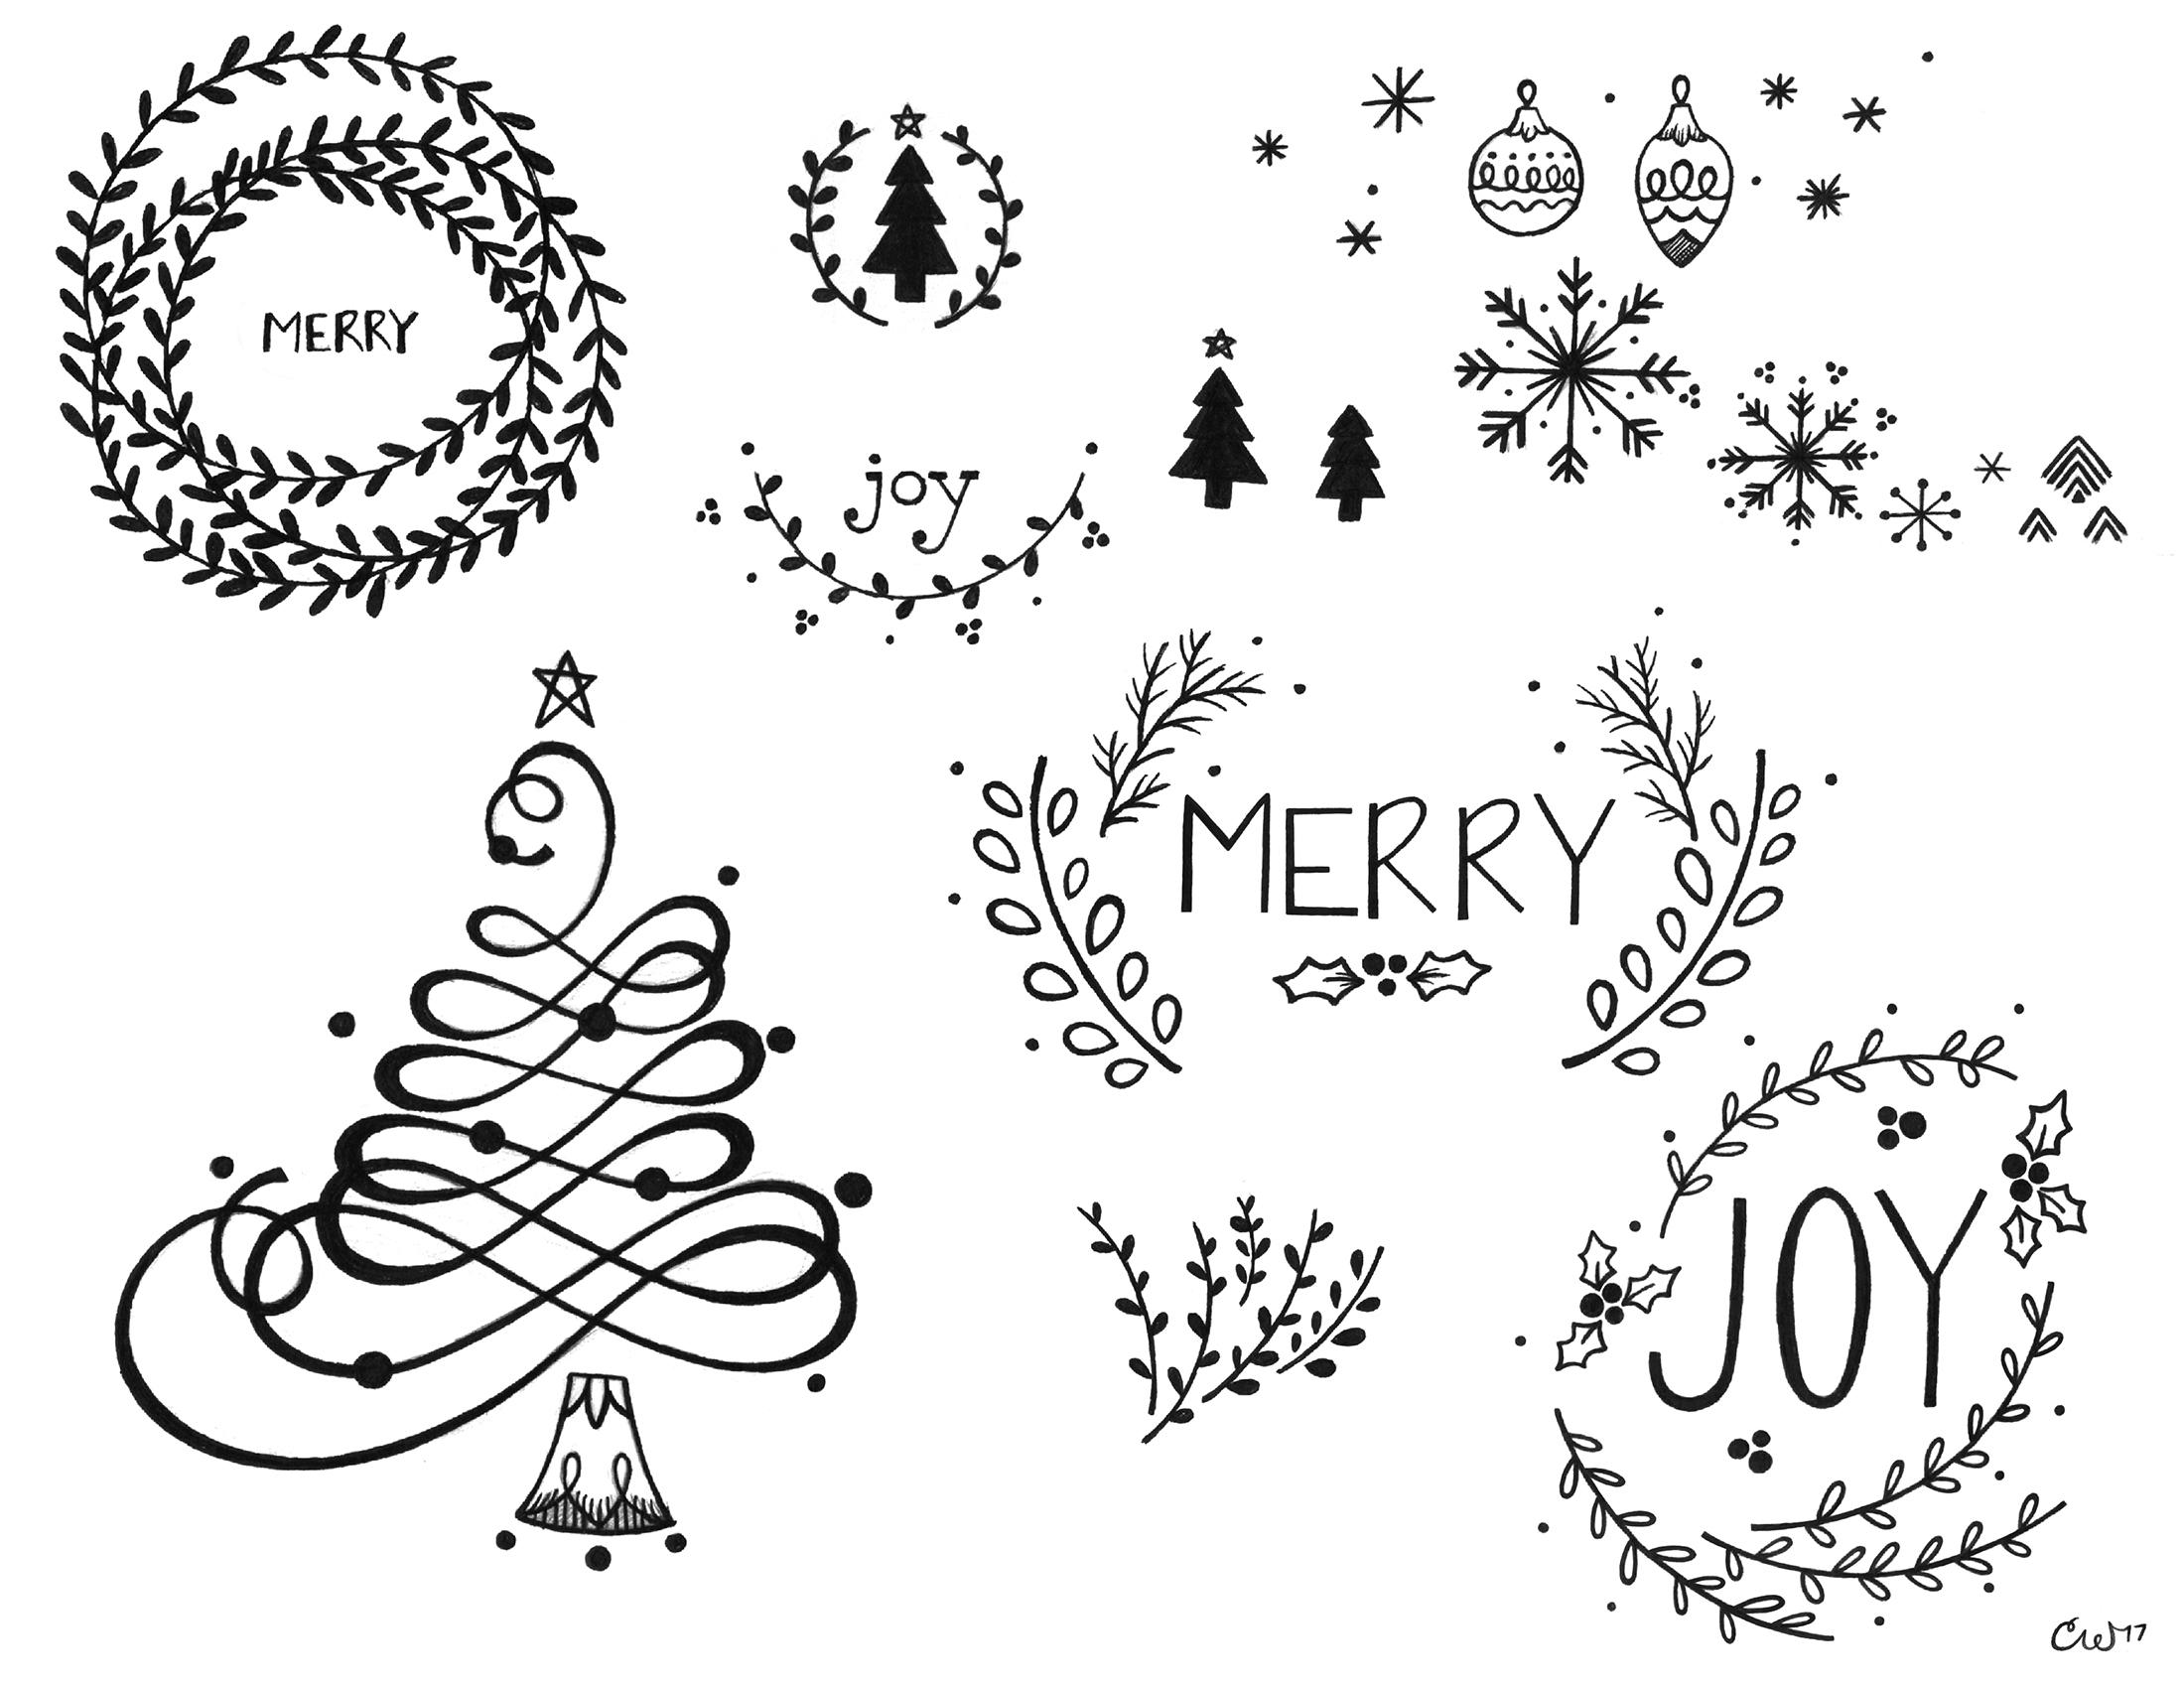 Merry & Joy